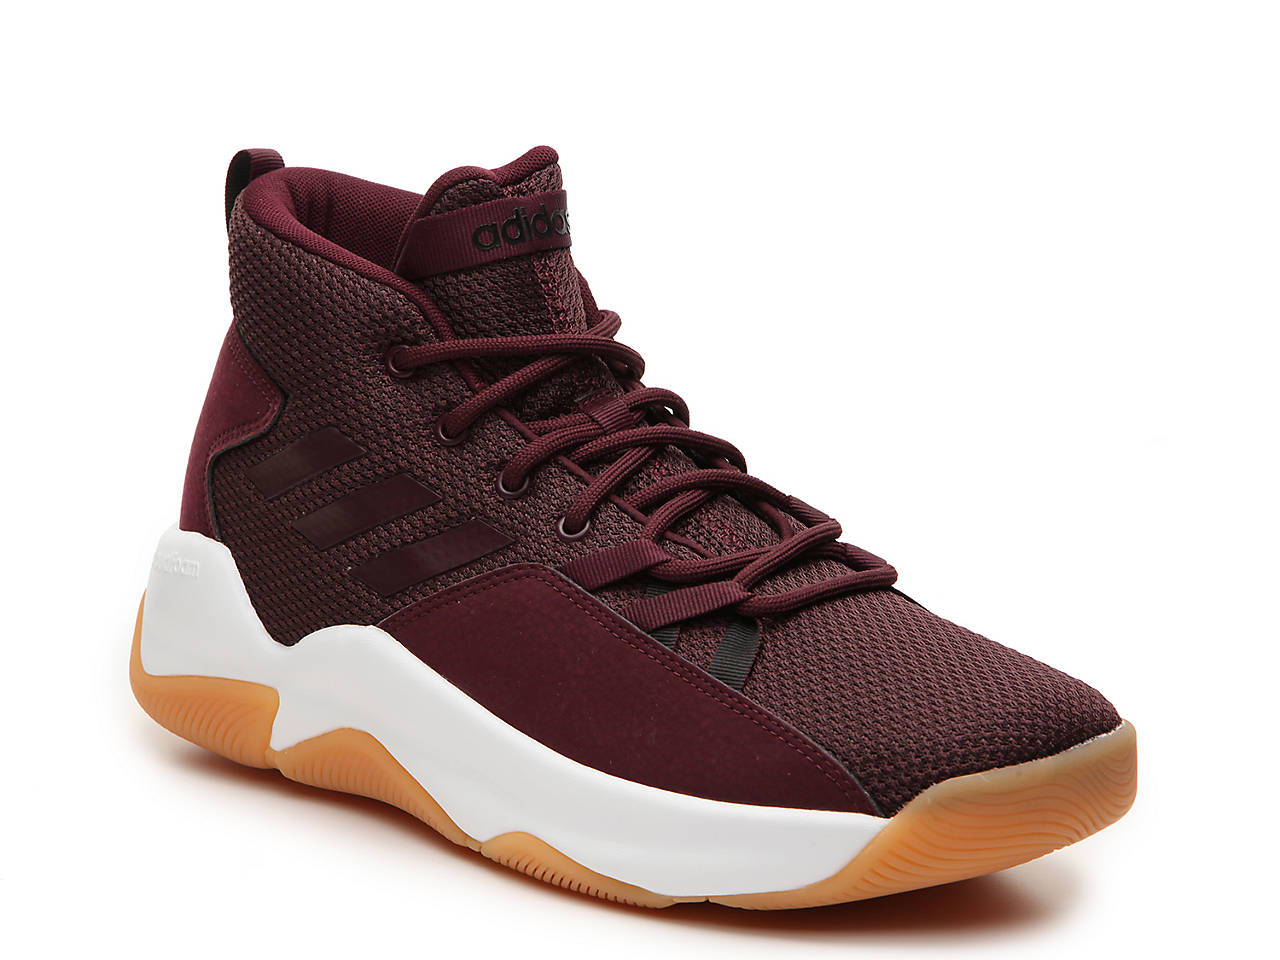 021907d247b adidas Street Fire Basketball Shoe - Men s Men s Shoes